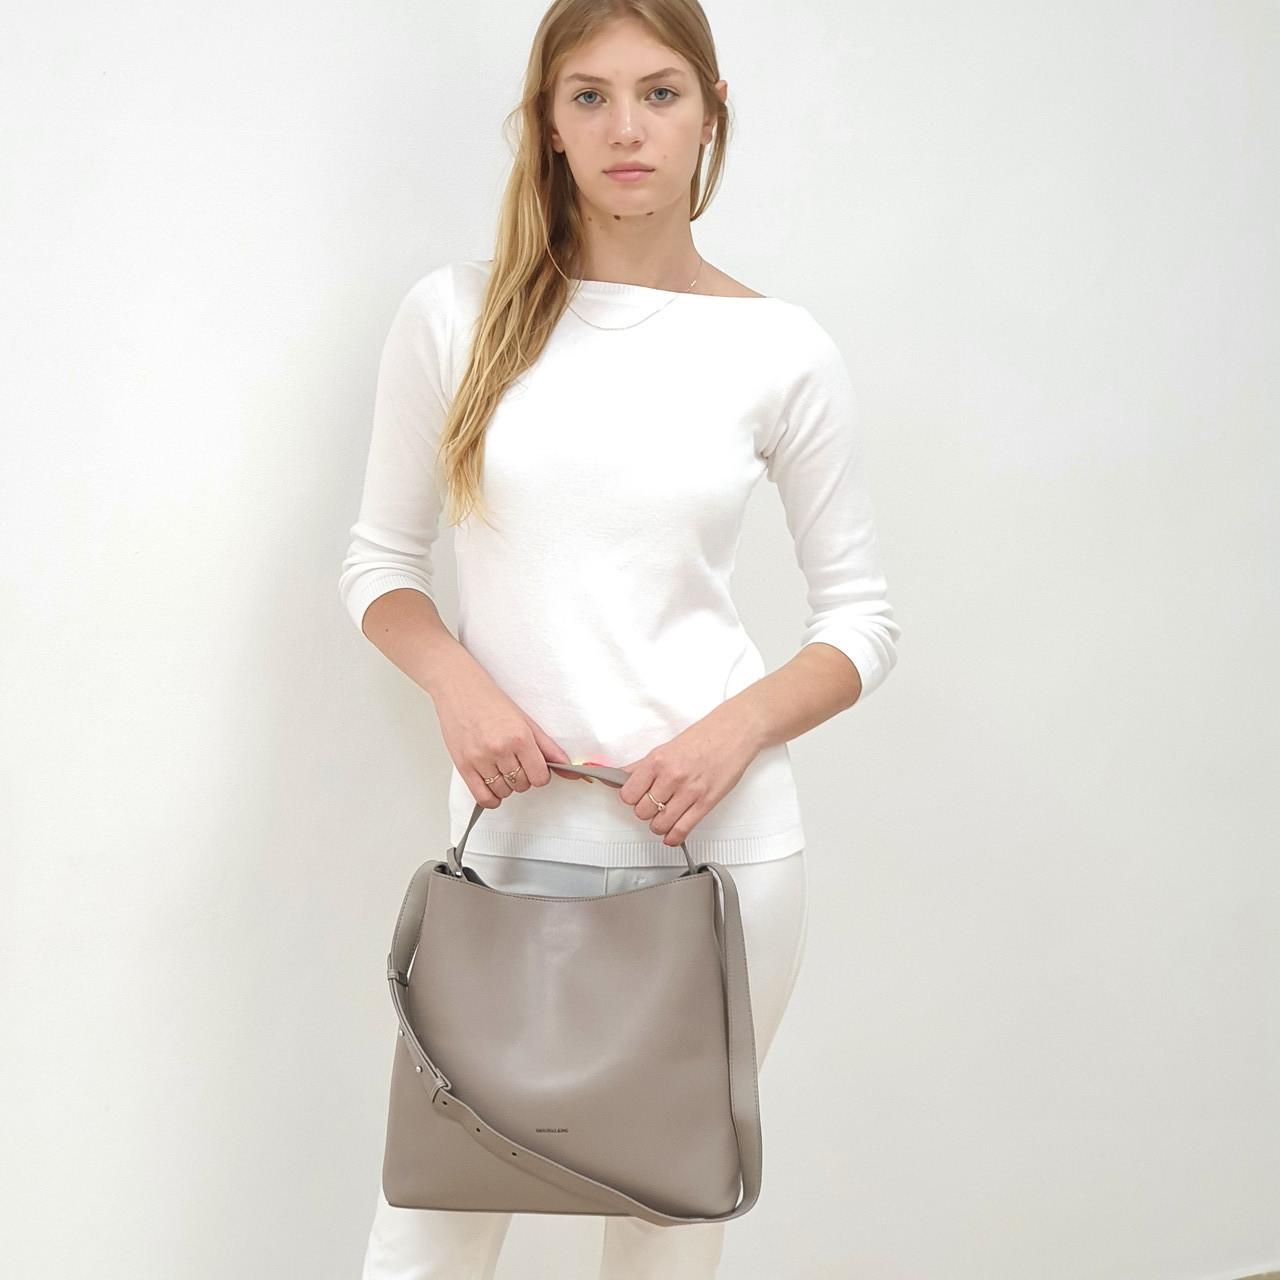 Женская сумка бежевая большого размера повседневная натуральная кожа